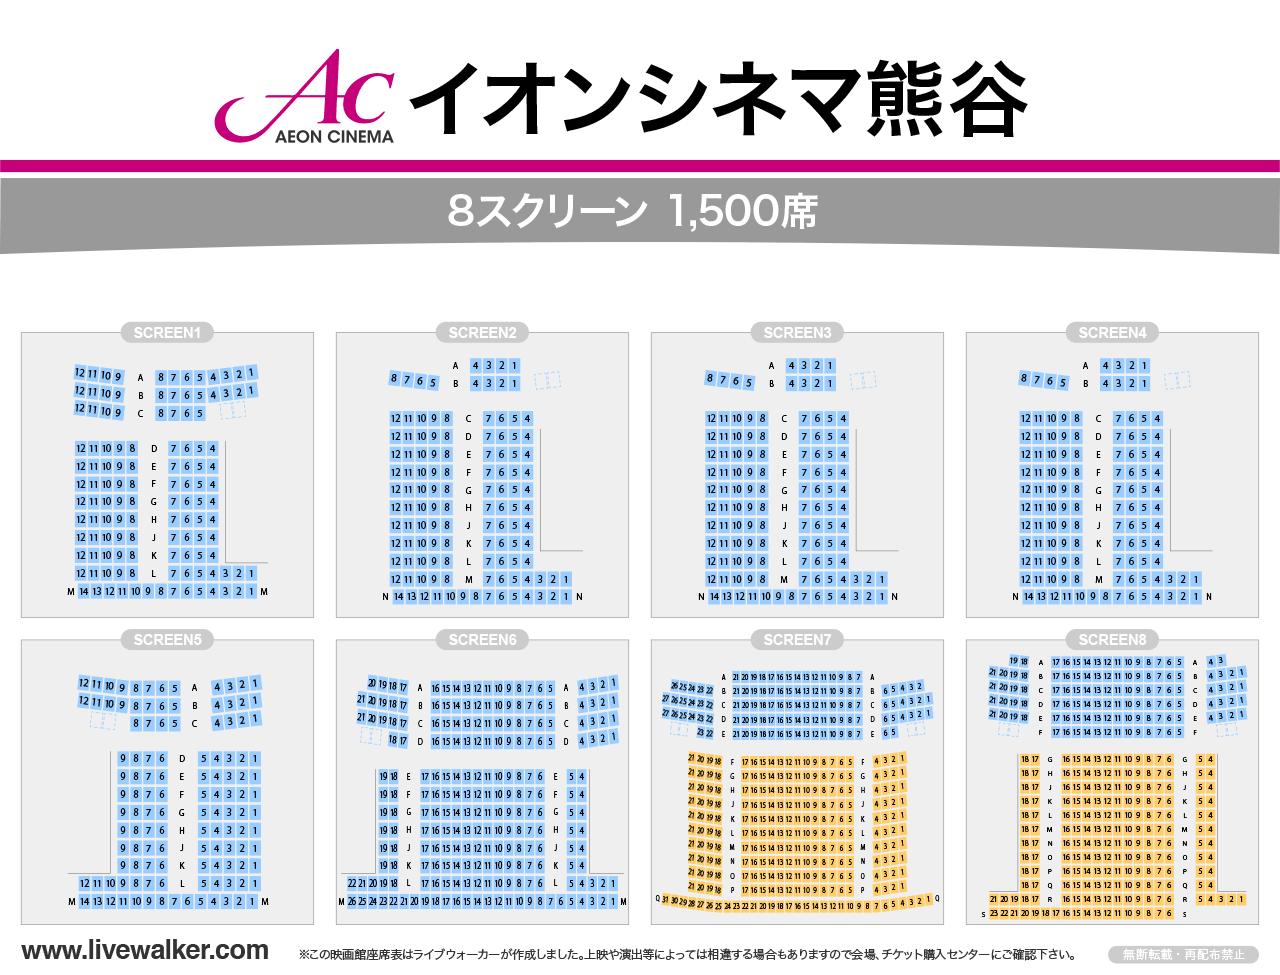 イオンシネマ熊谷 埼玉県 熊谷市 Livewalker Com 2020 映画館 シネマ シネコン